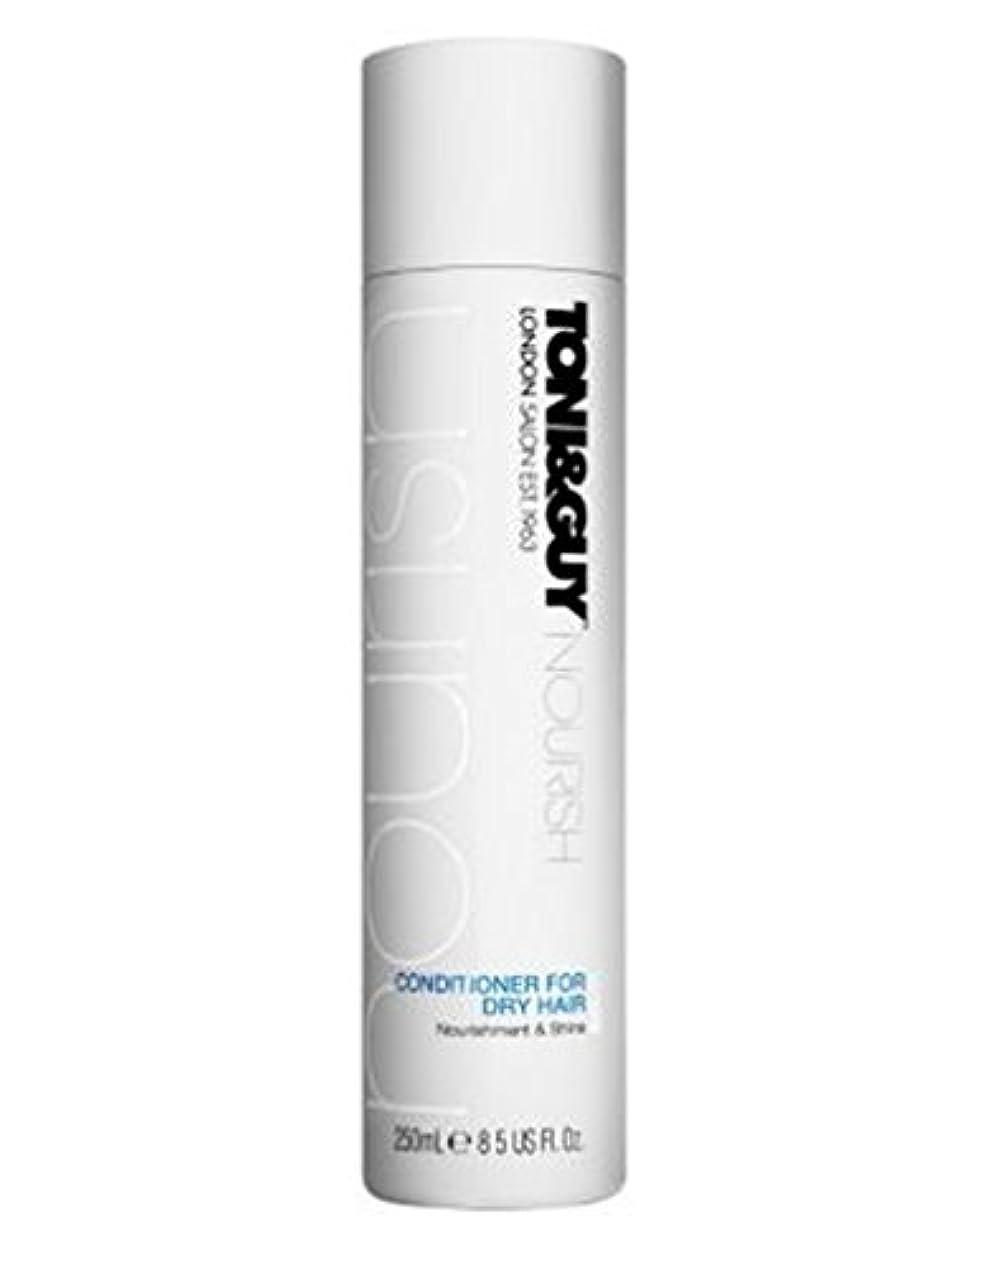 光景マウスピースオントニ&男は乾いた髪の250ミリリットルのためにコンディショナーを養います (Toni & Guy) (x2) - Toni&Guy Nourish Conditioner for Dry Hair 250ml (Pack...